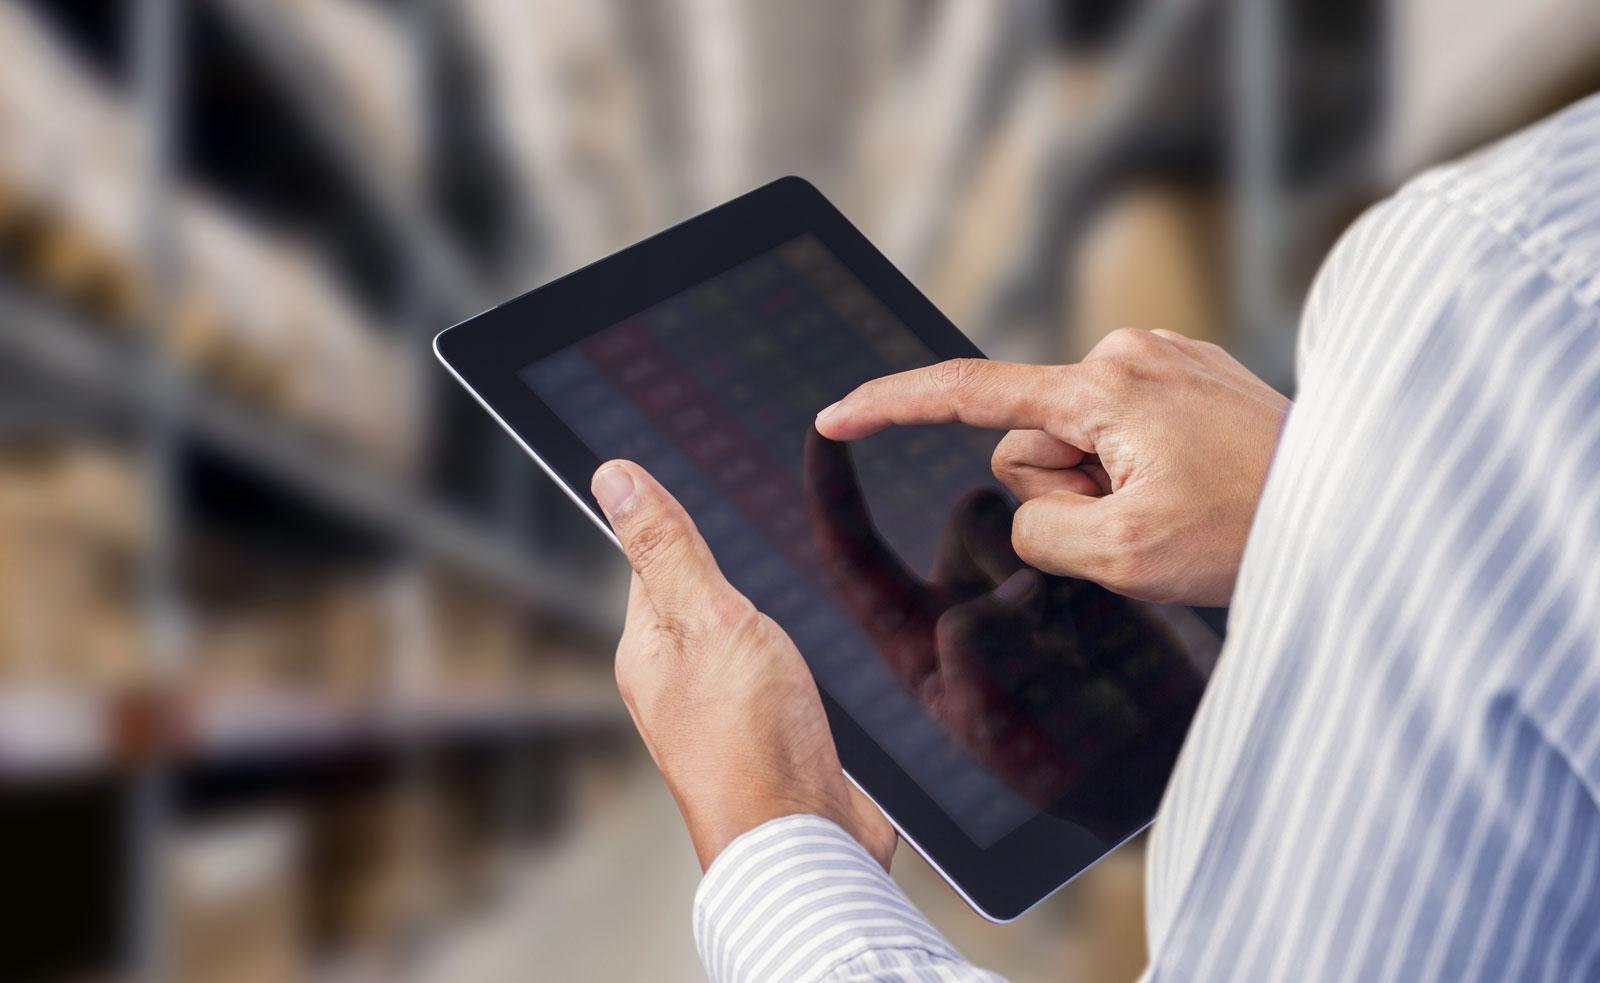 Mann mit einem Tablet in der Hand